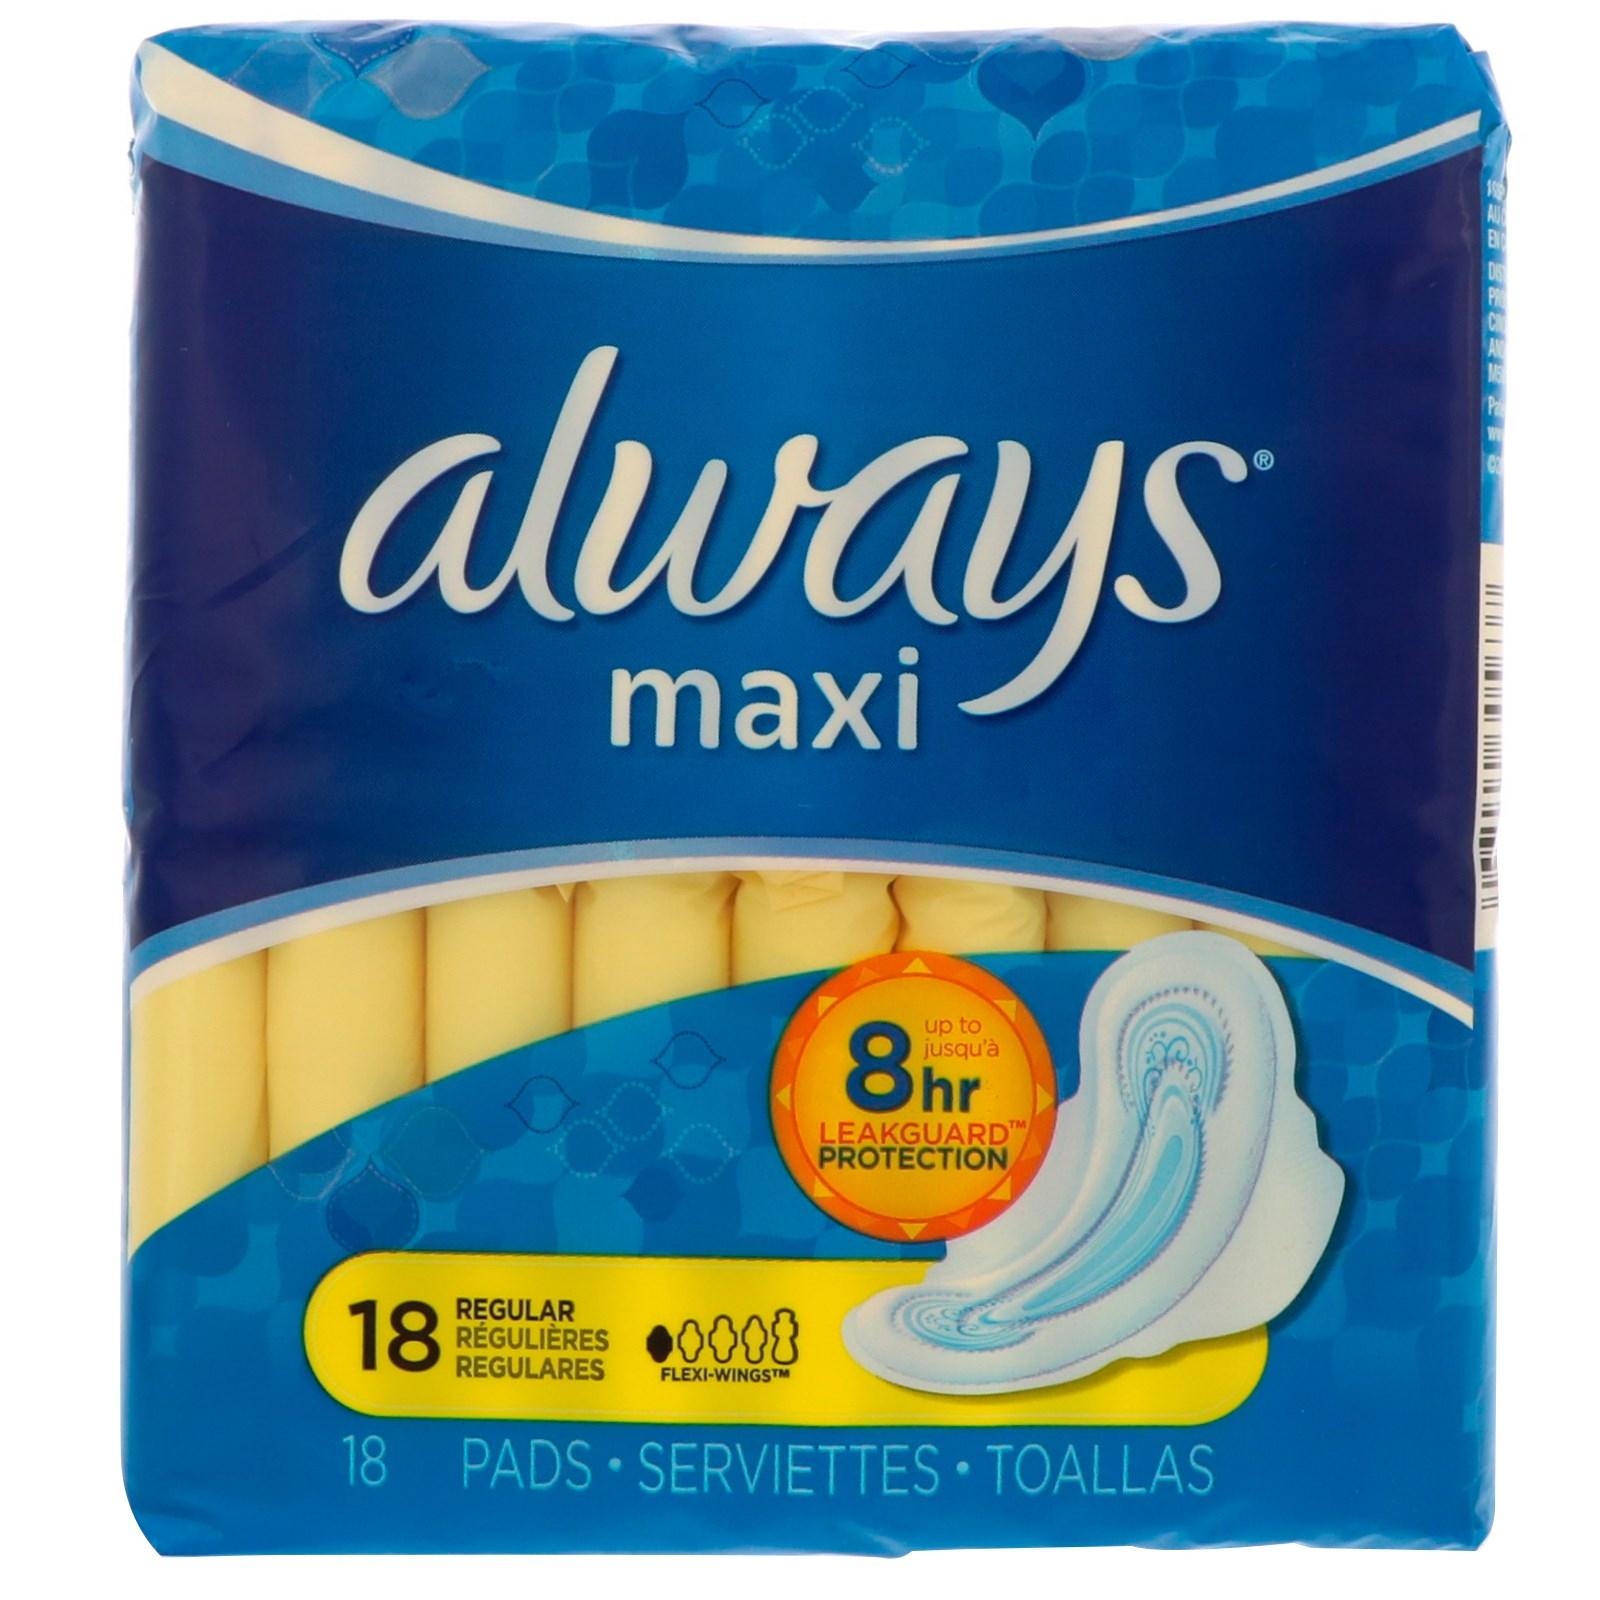 Always, Макси с крылышками, обычные, 18 прокладок